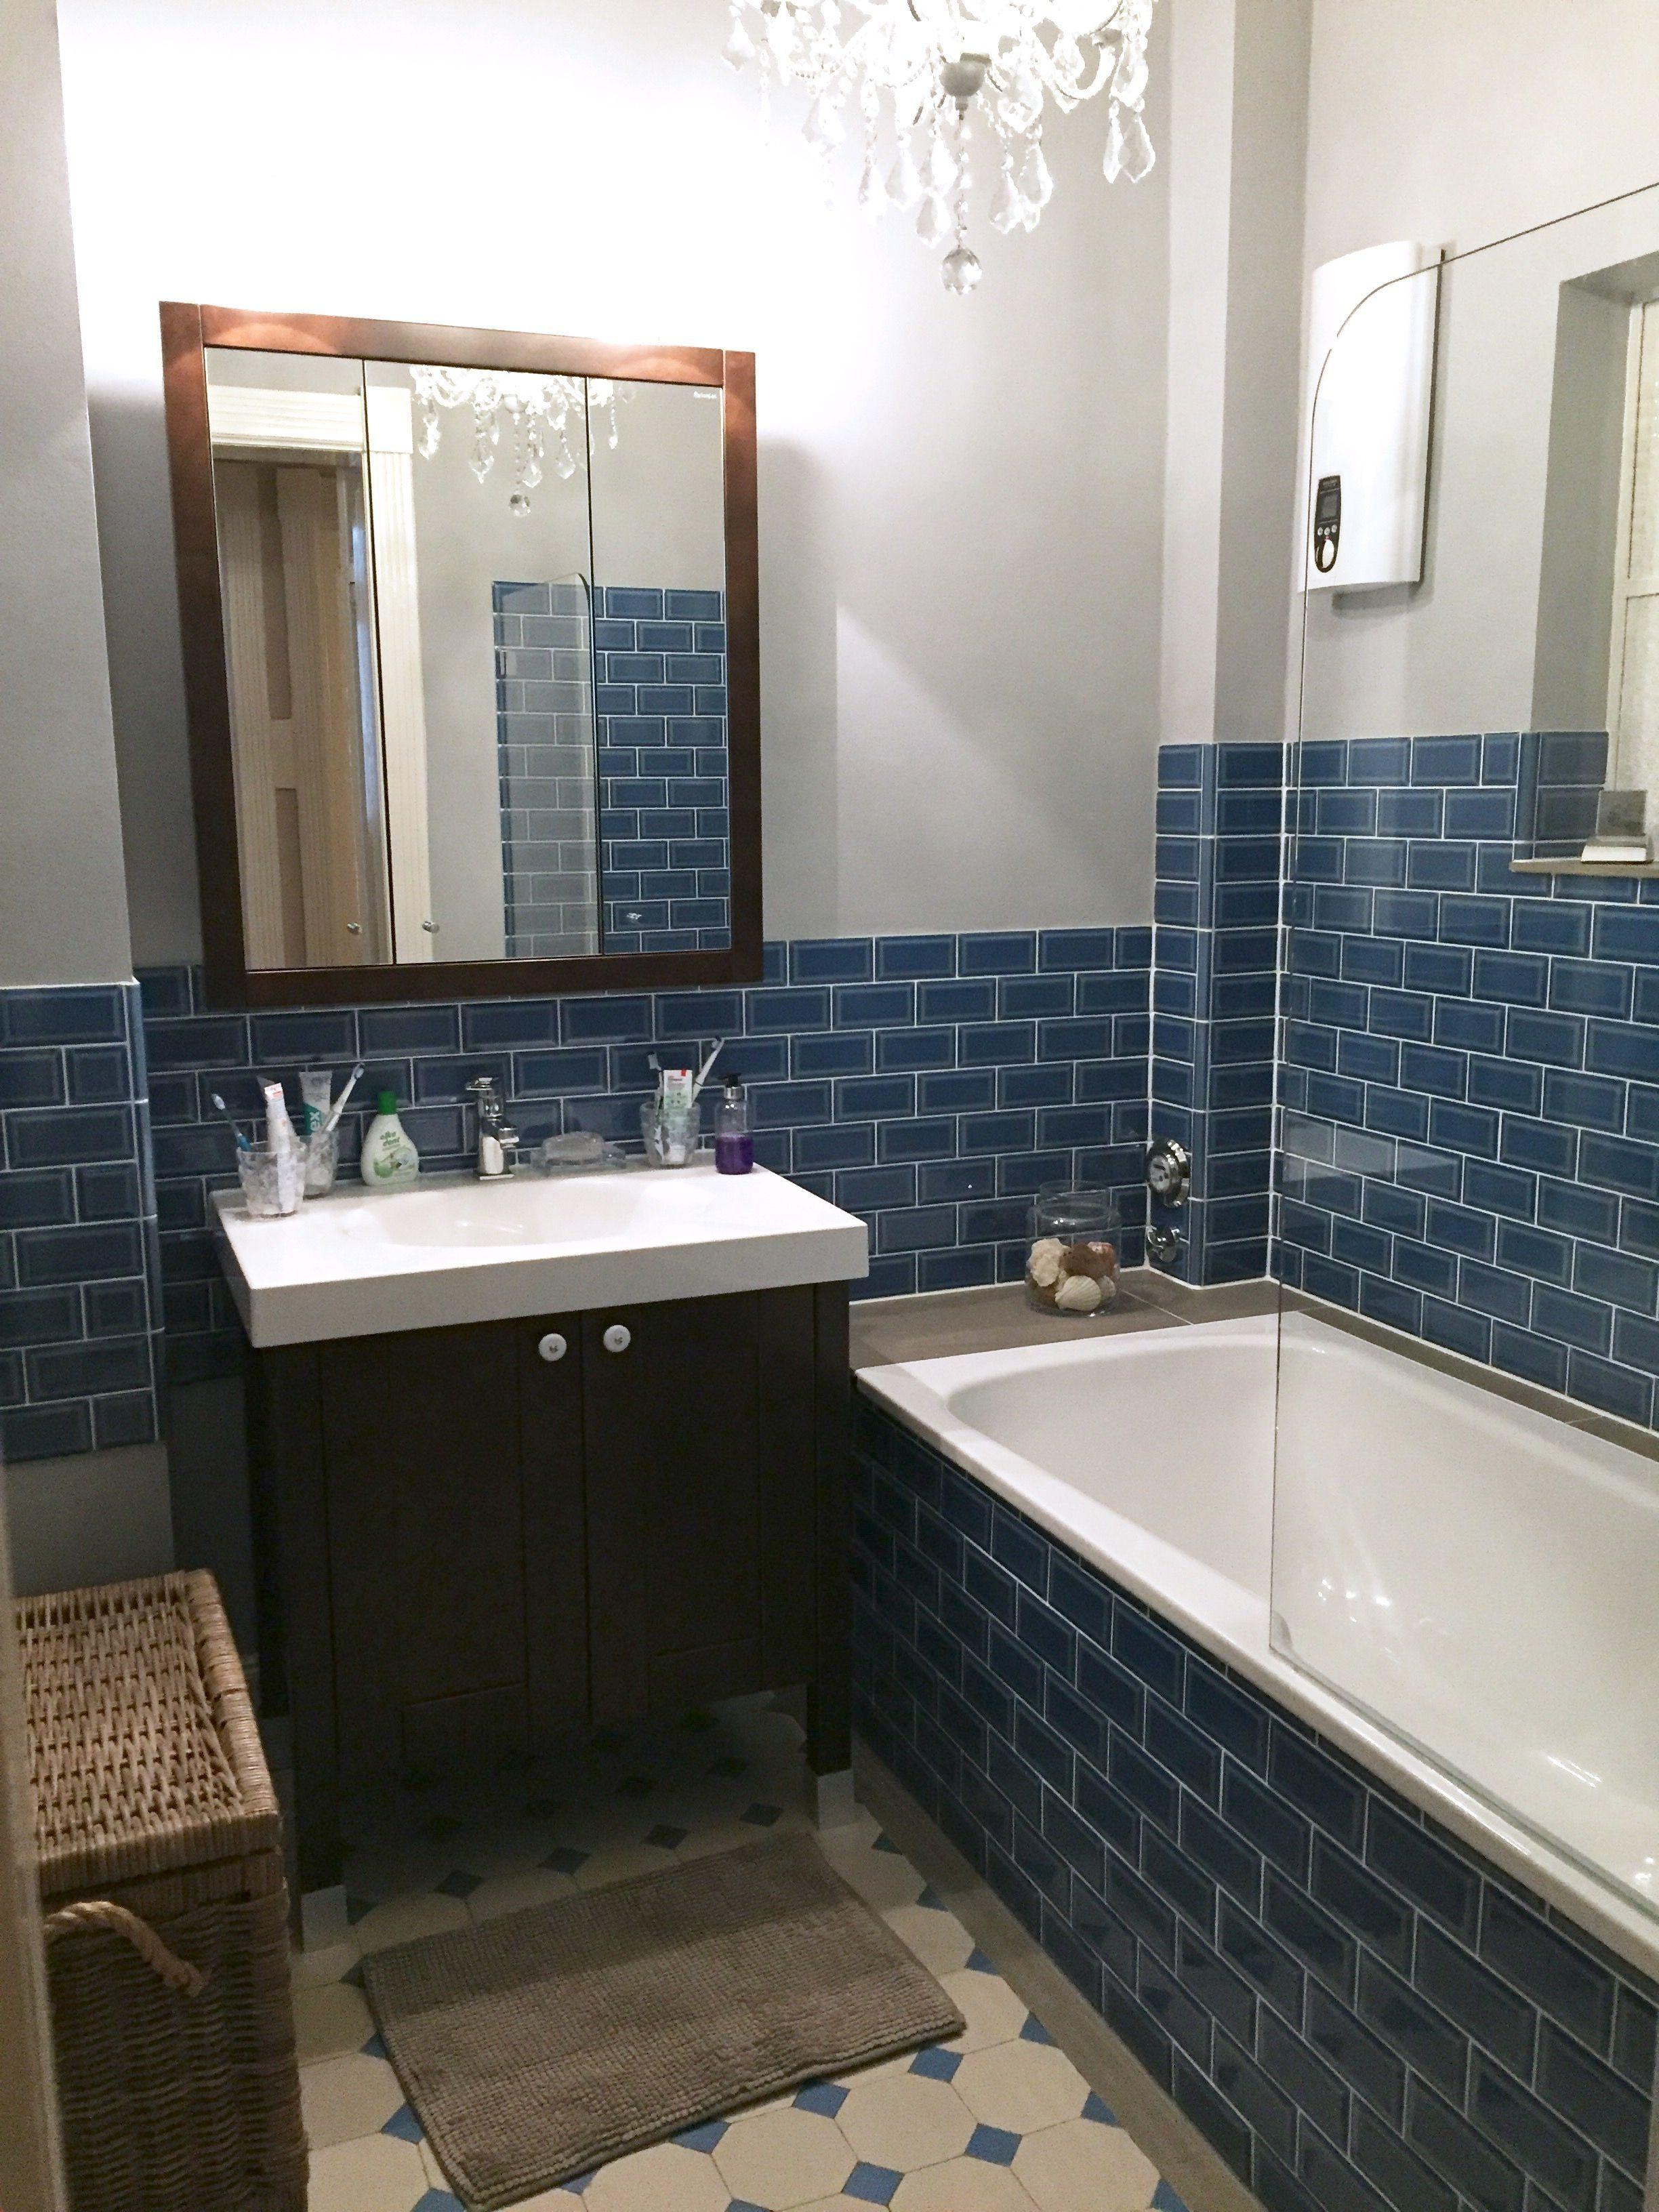 12 Minibad Nach Sanierung Blaue Metrofliesen Adex Dunkelbraune Rustikale Bader Badezimmer Blau